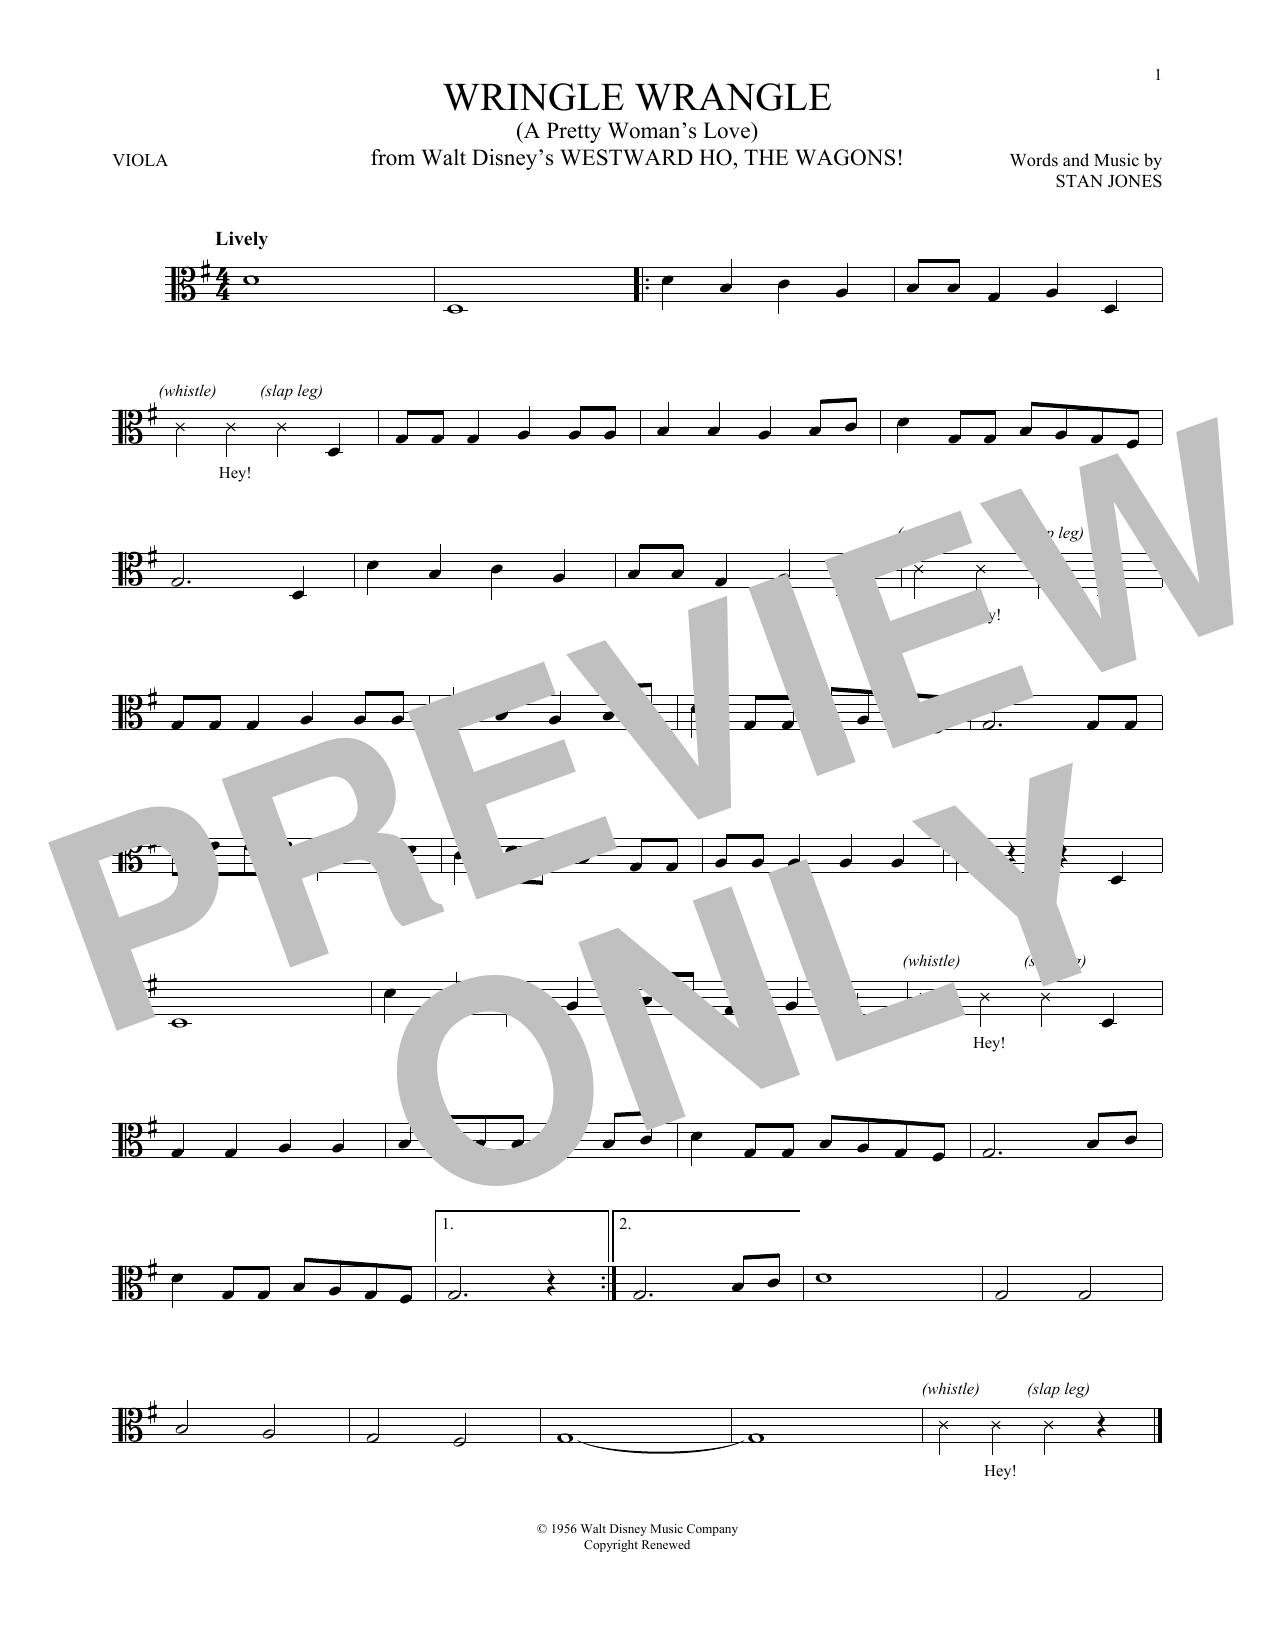 Wringle Wrangle (A Pretty Woman's Love) (Viola Solo)